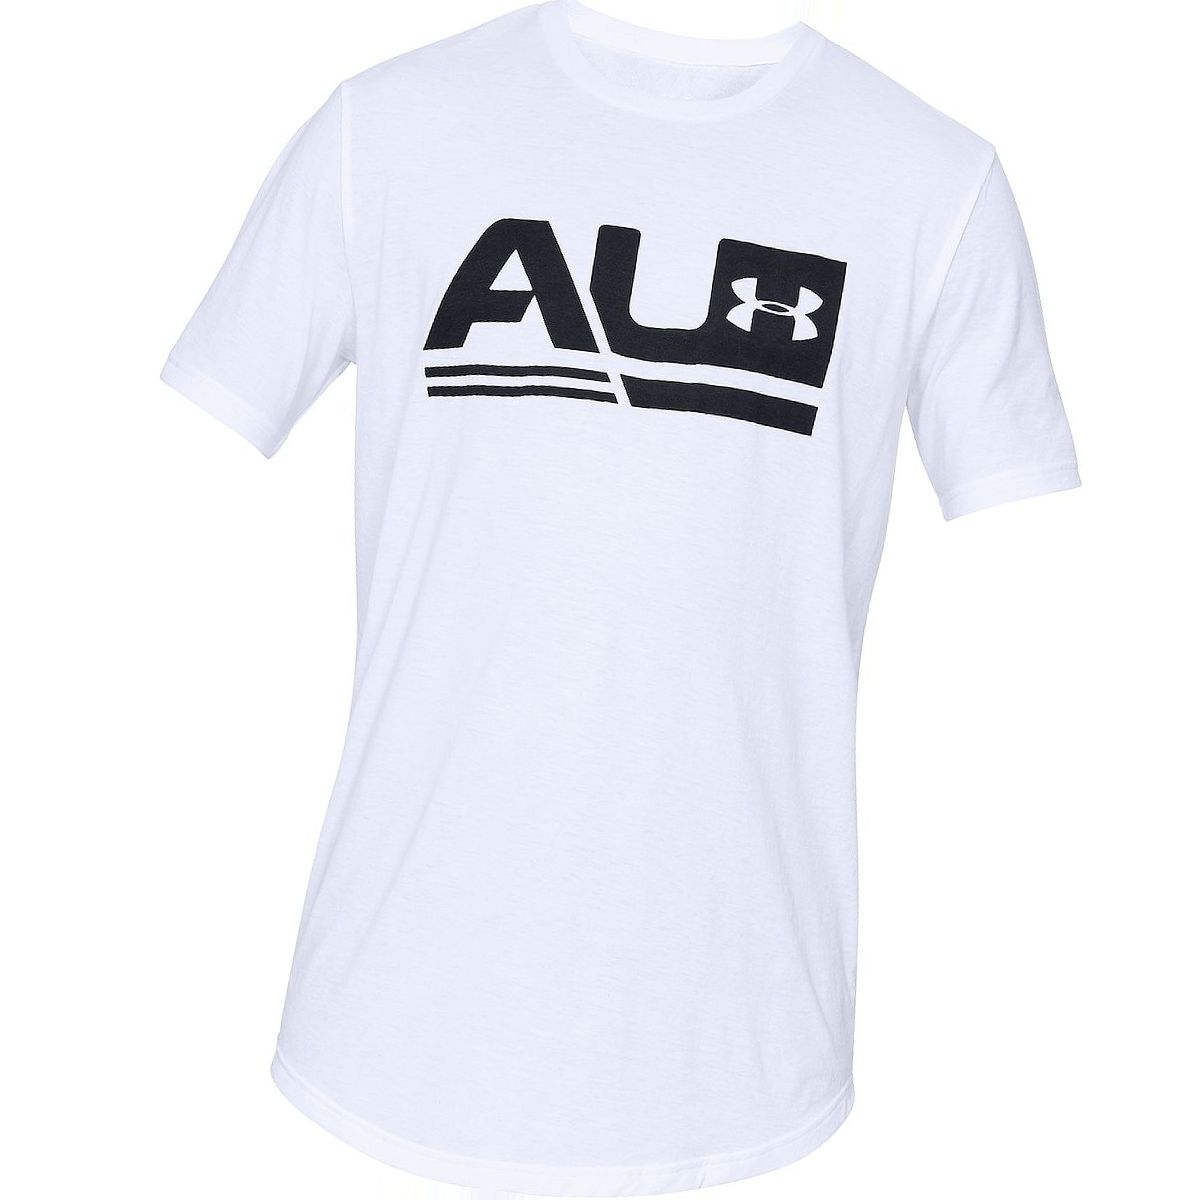 Under Armour Sportstyle Short-Sleeve Drop Hem Shirt - Men's